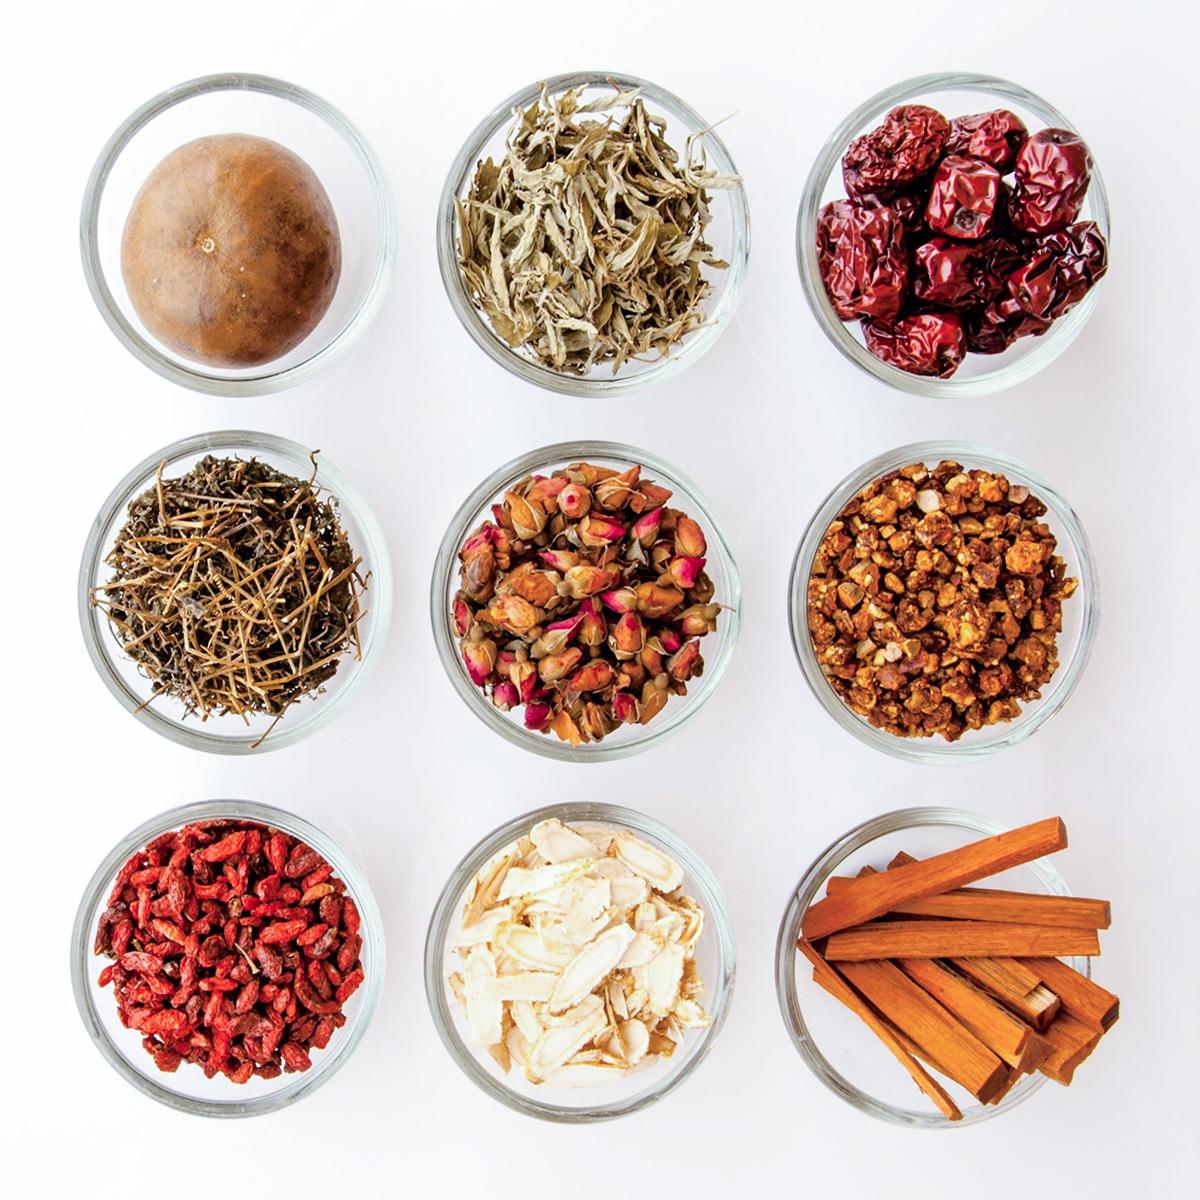 朝が変わる!なめらか「野菜の生スムージー」|《ミルセット》茶葉もコーヒー豆も挽けるブレード&カップ|ferrano